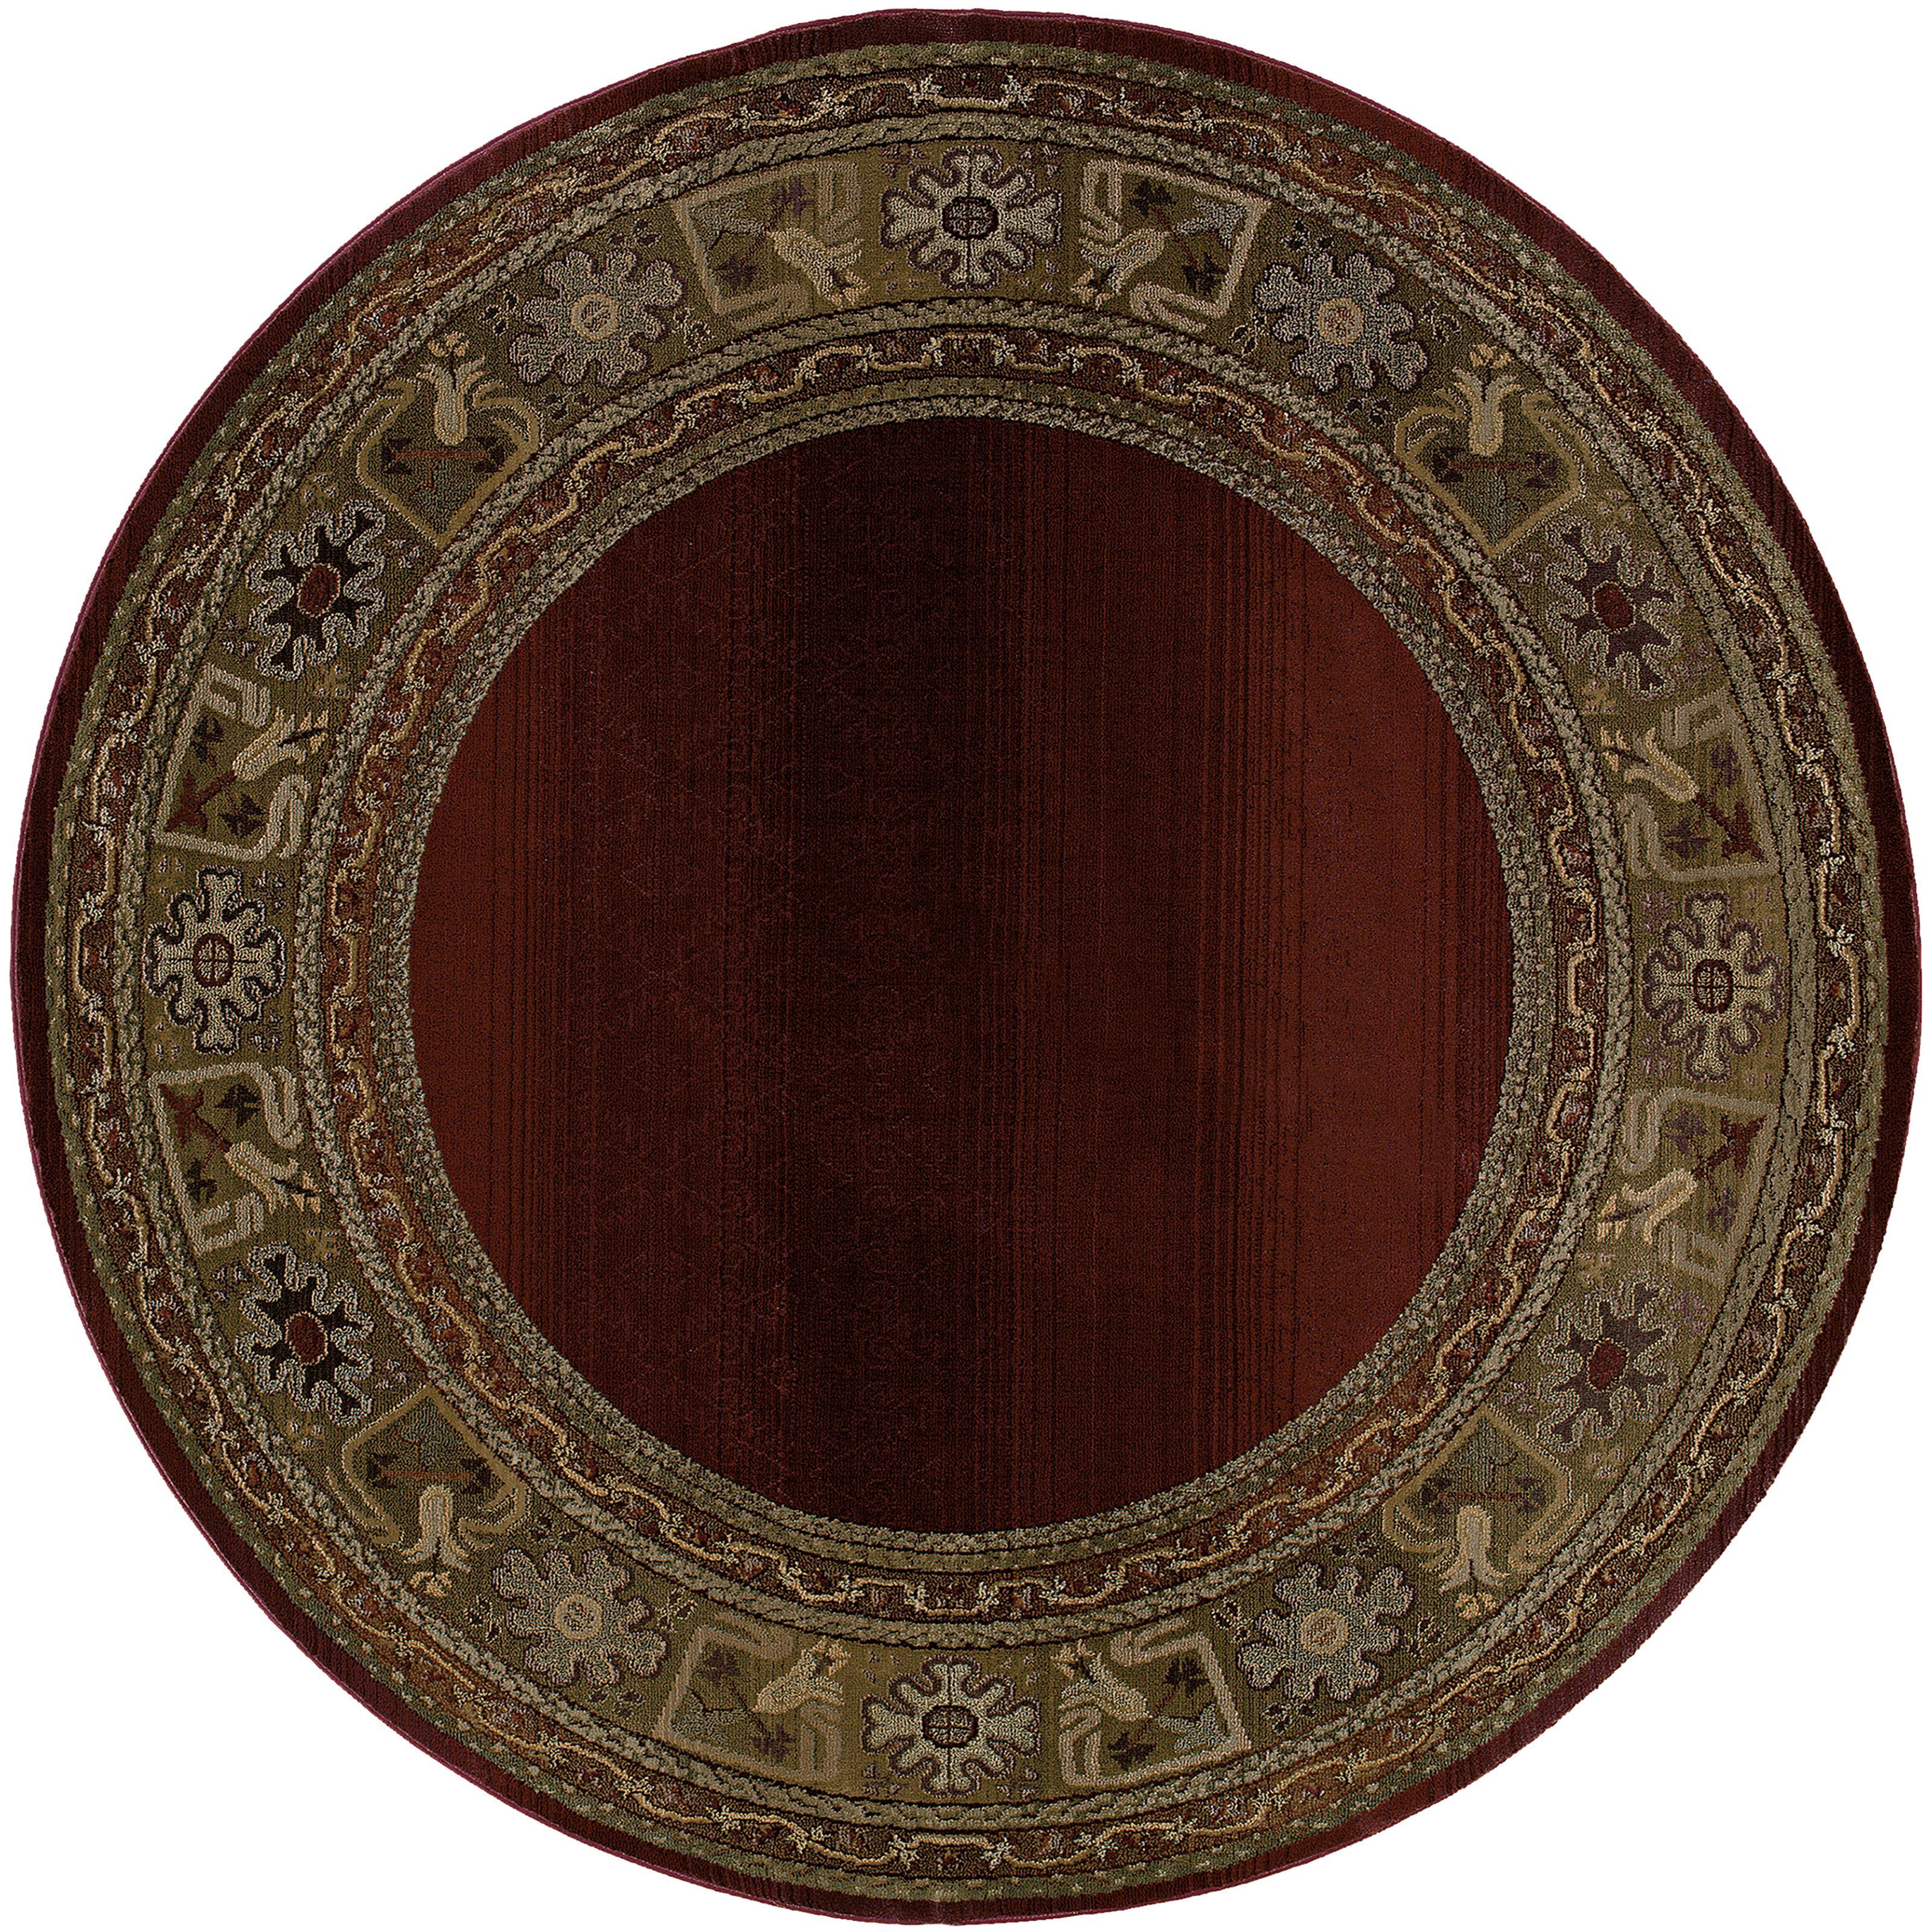 Oriental Weavers Generations 8' Rug - Item Number: G3436R240240ST